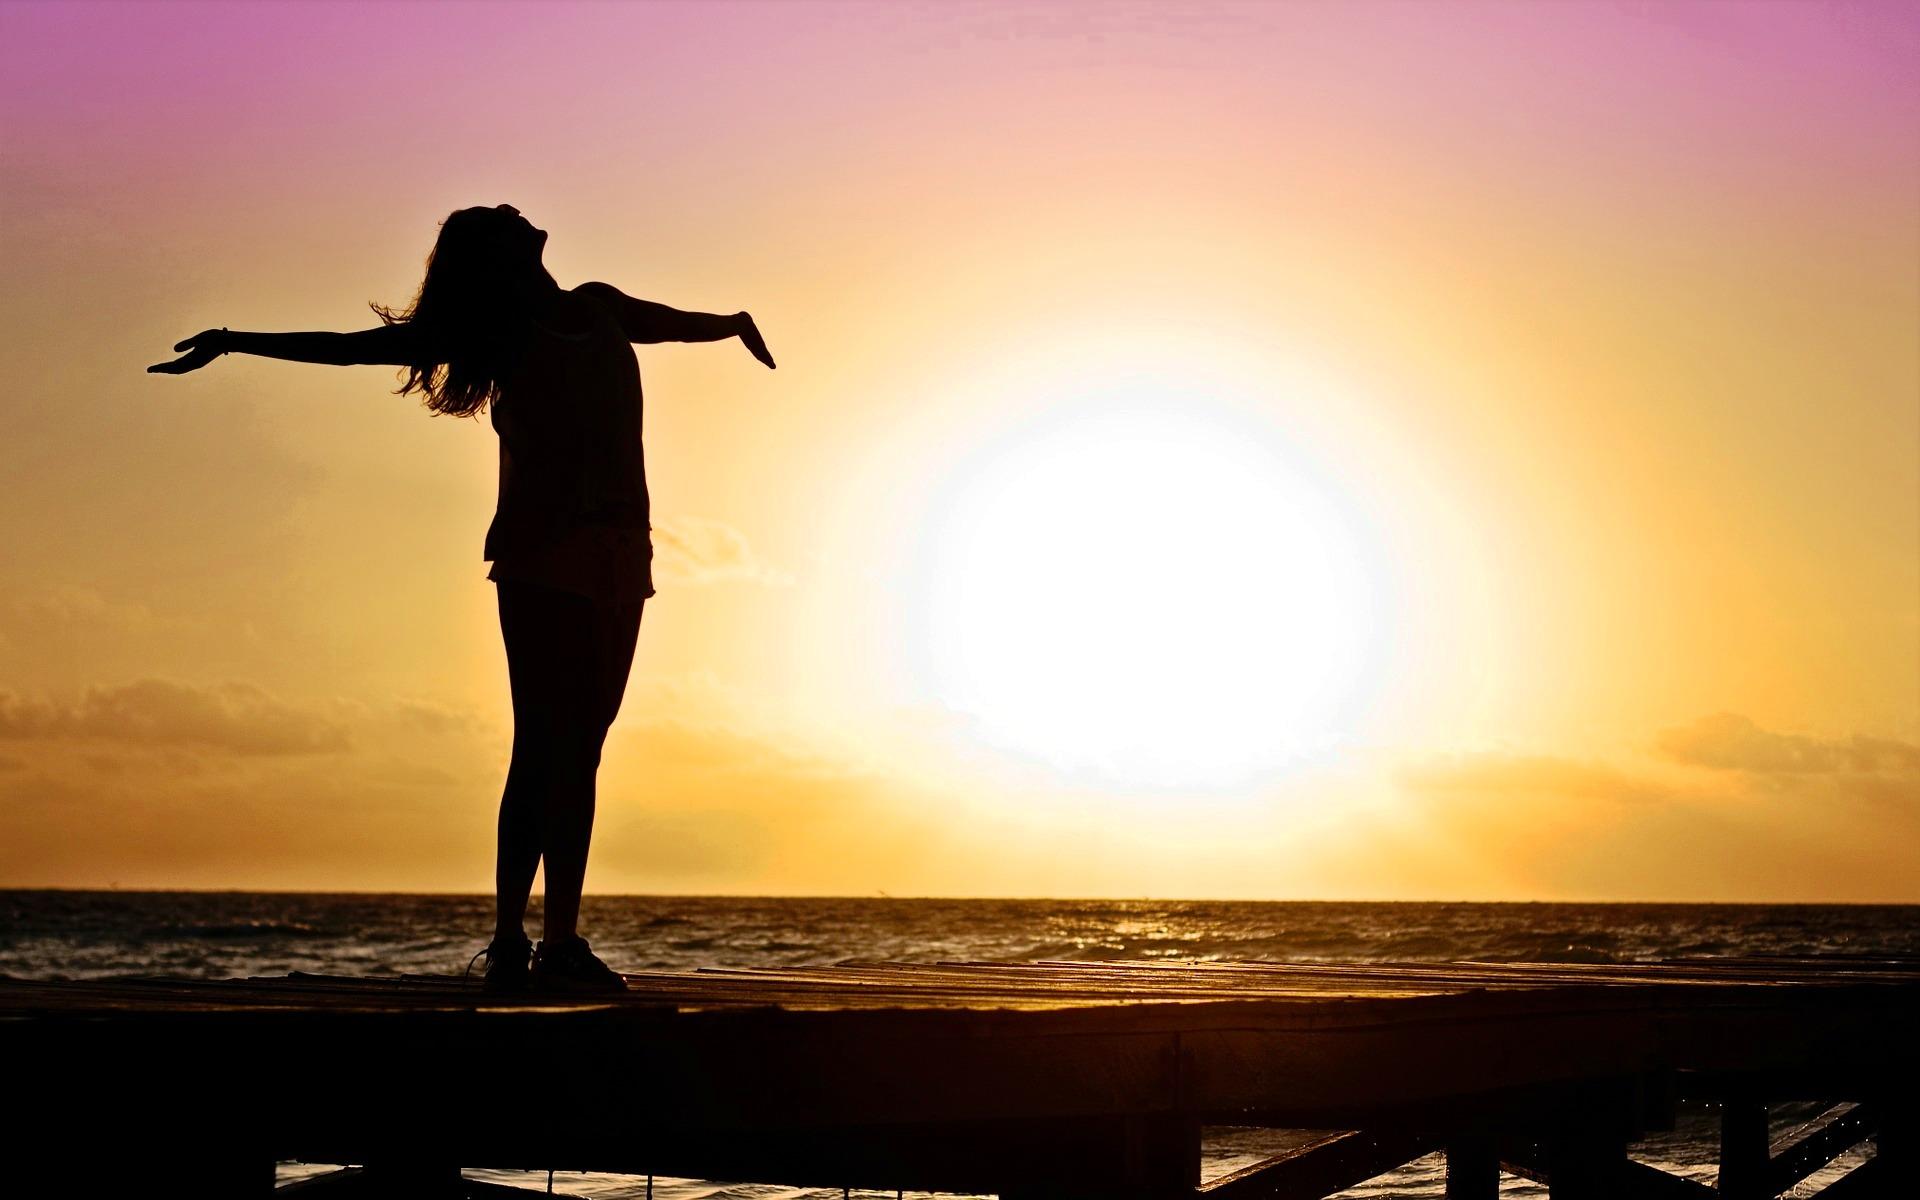 Sunset joy photo